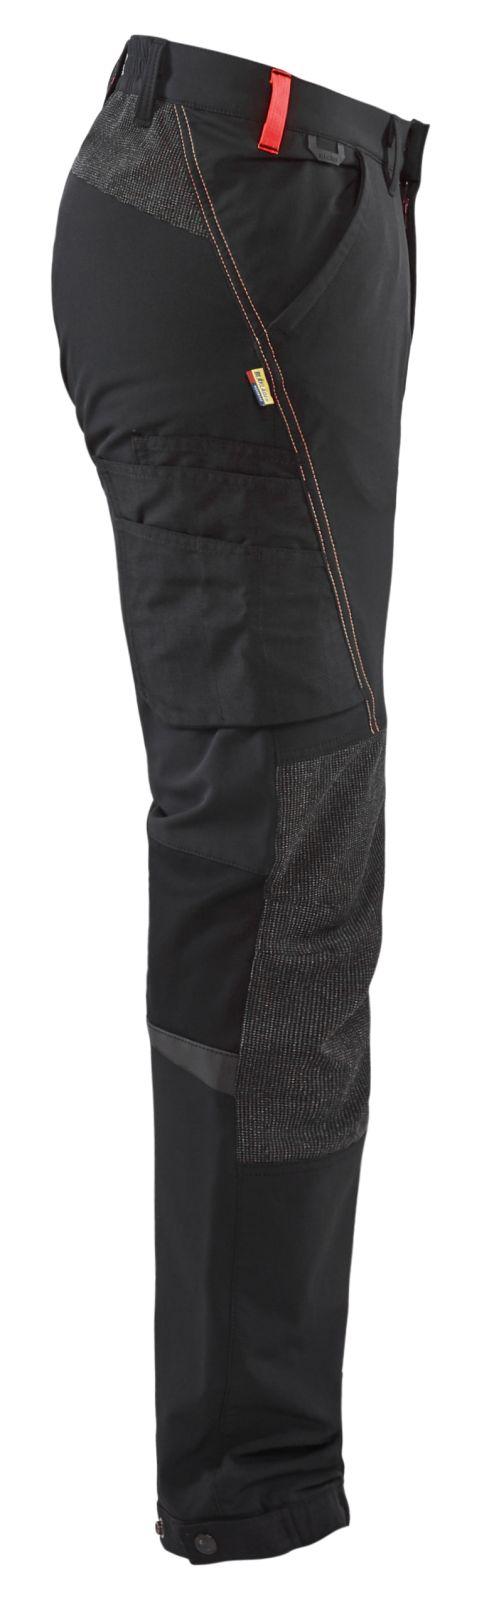 Blaklader Broeken 14221645 zwart-rood(9956)